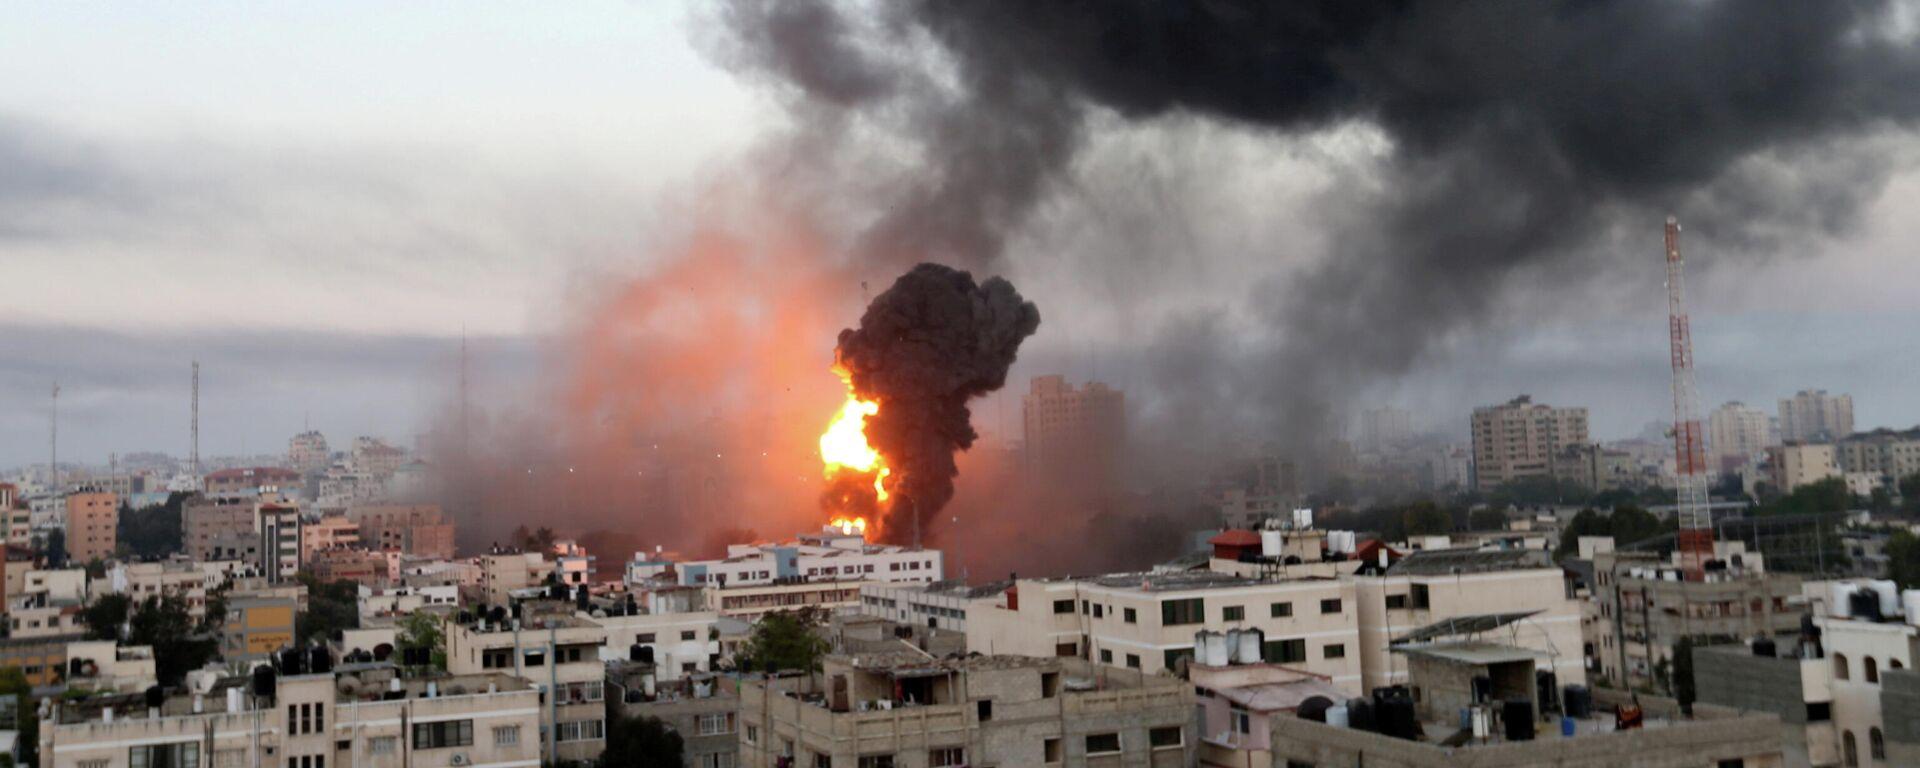 Consecuencias del ataque israelí a Gaza - Sputnik Mundo, 1920, 12.05.2021